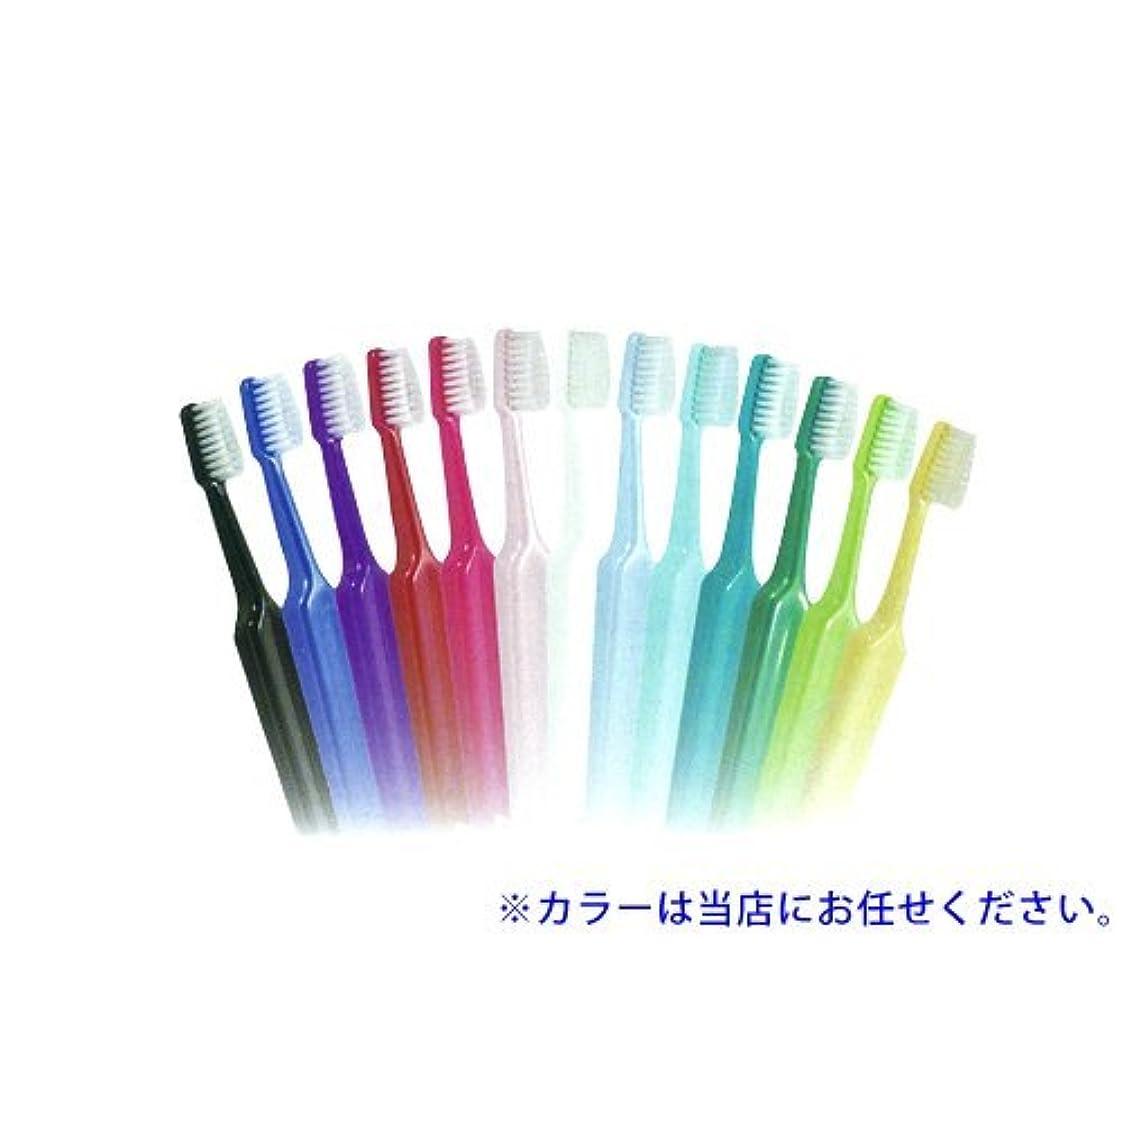 評決バルセロナ楽しませるクロスフィールド TePe テペ セレクトコンパクト 歯ブラシ 1本 コンパクト ソフト